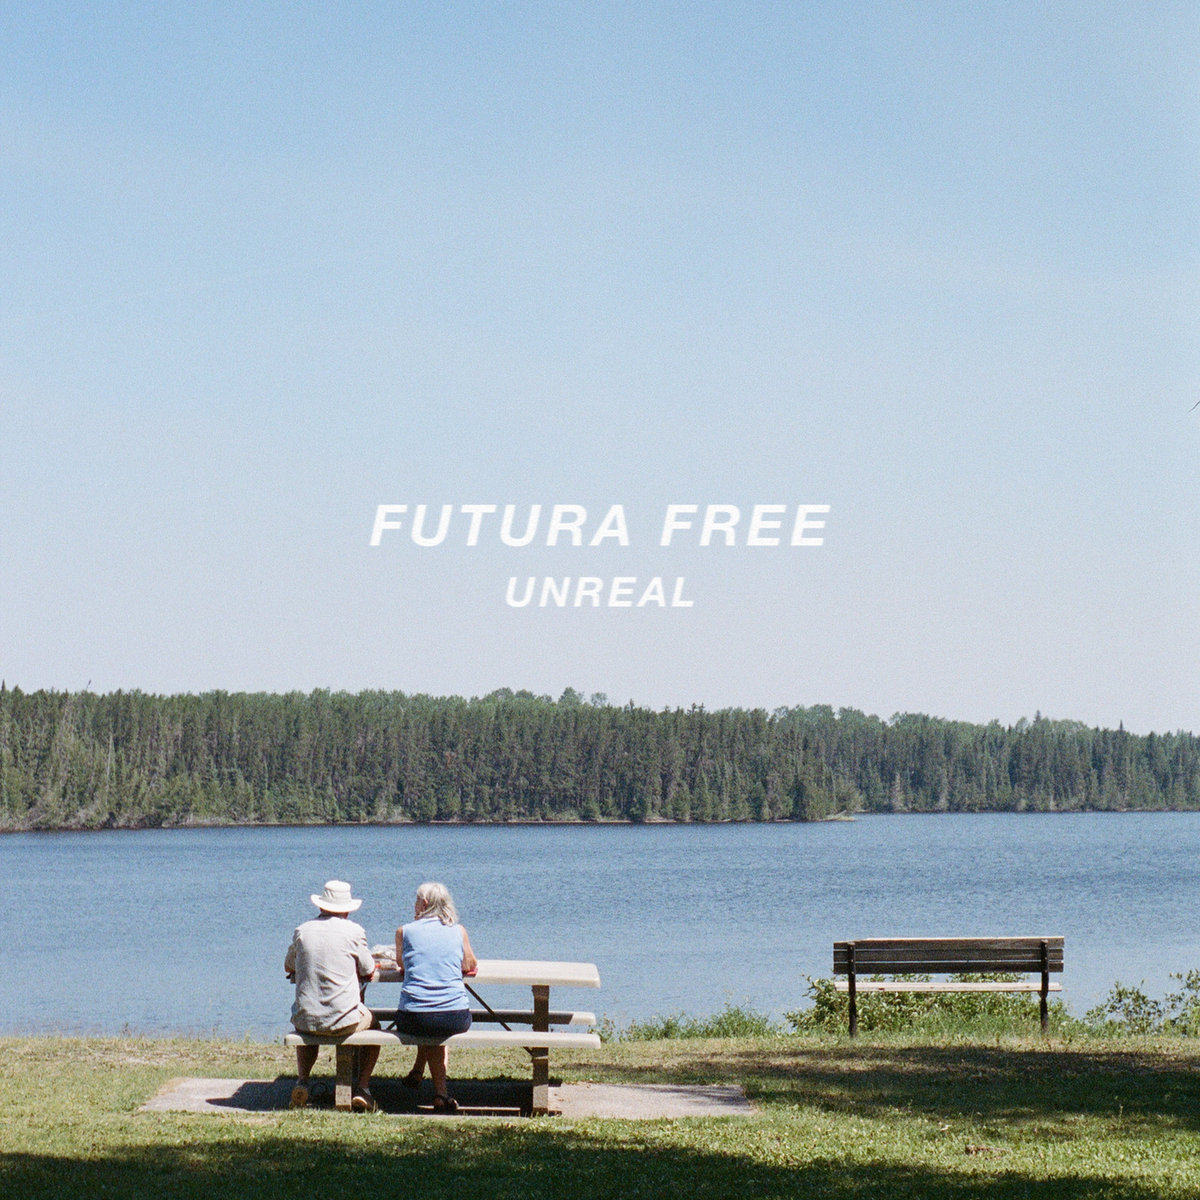 Unreal | Futura Free